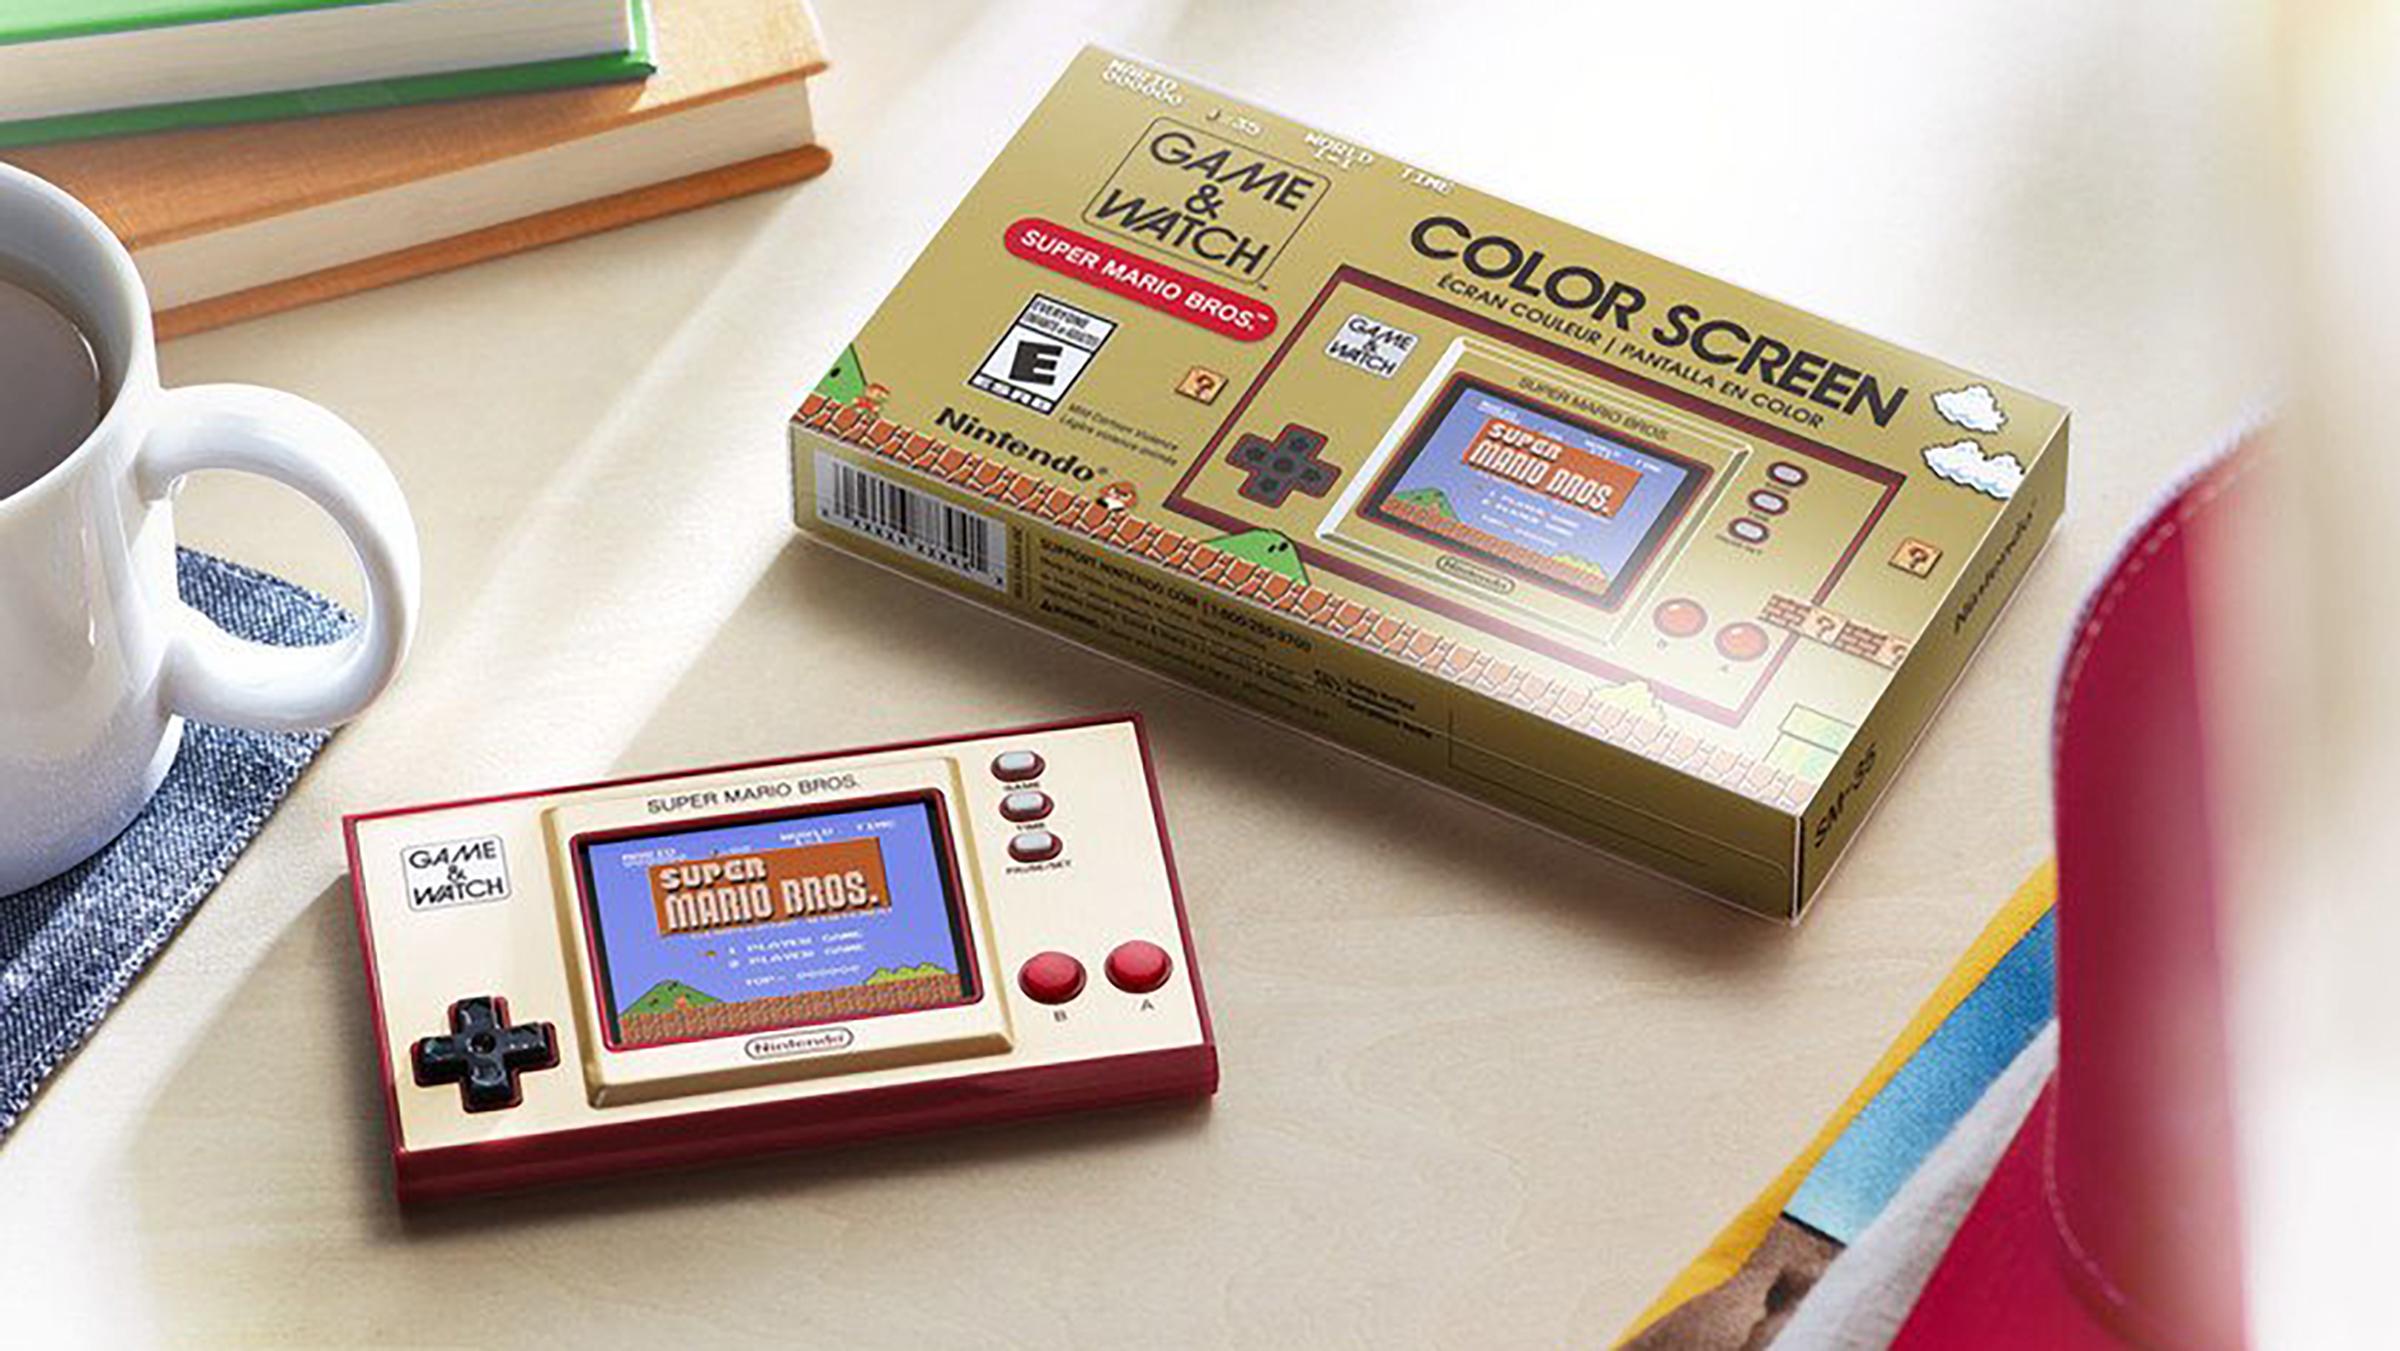 Conoce la nueva mini consola ¡lleva los juegos en tu bolsillo!